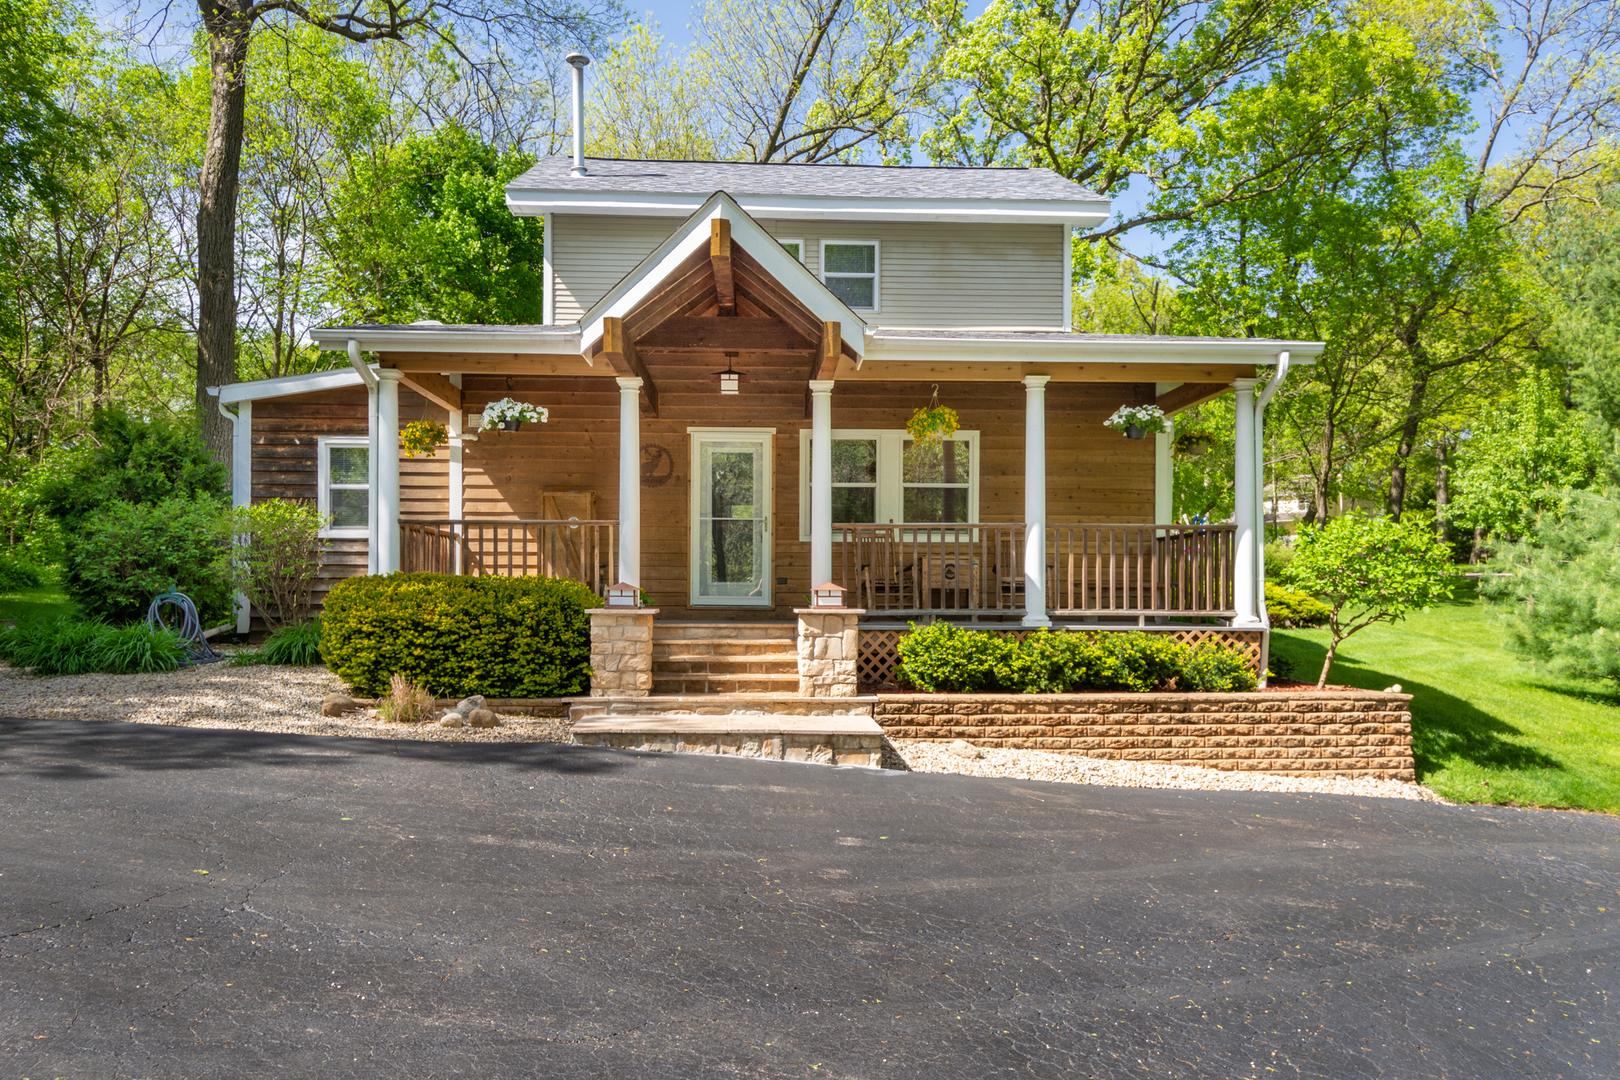 38414 North Briar Road, Spring Grove, Illinois 60081